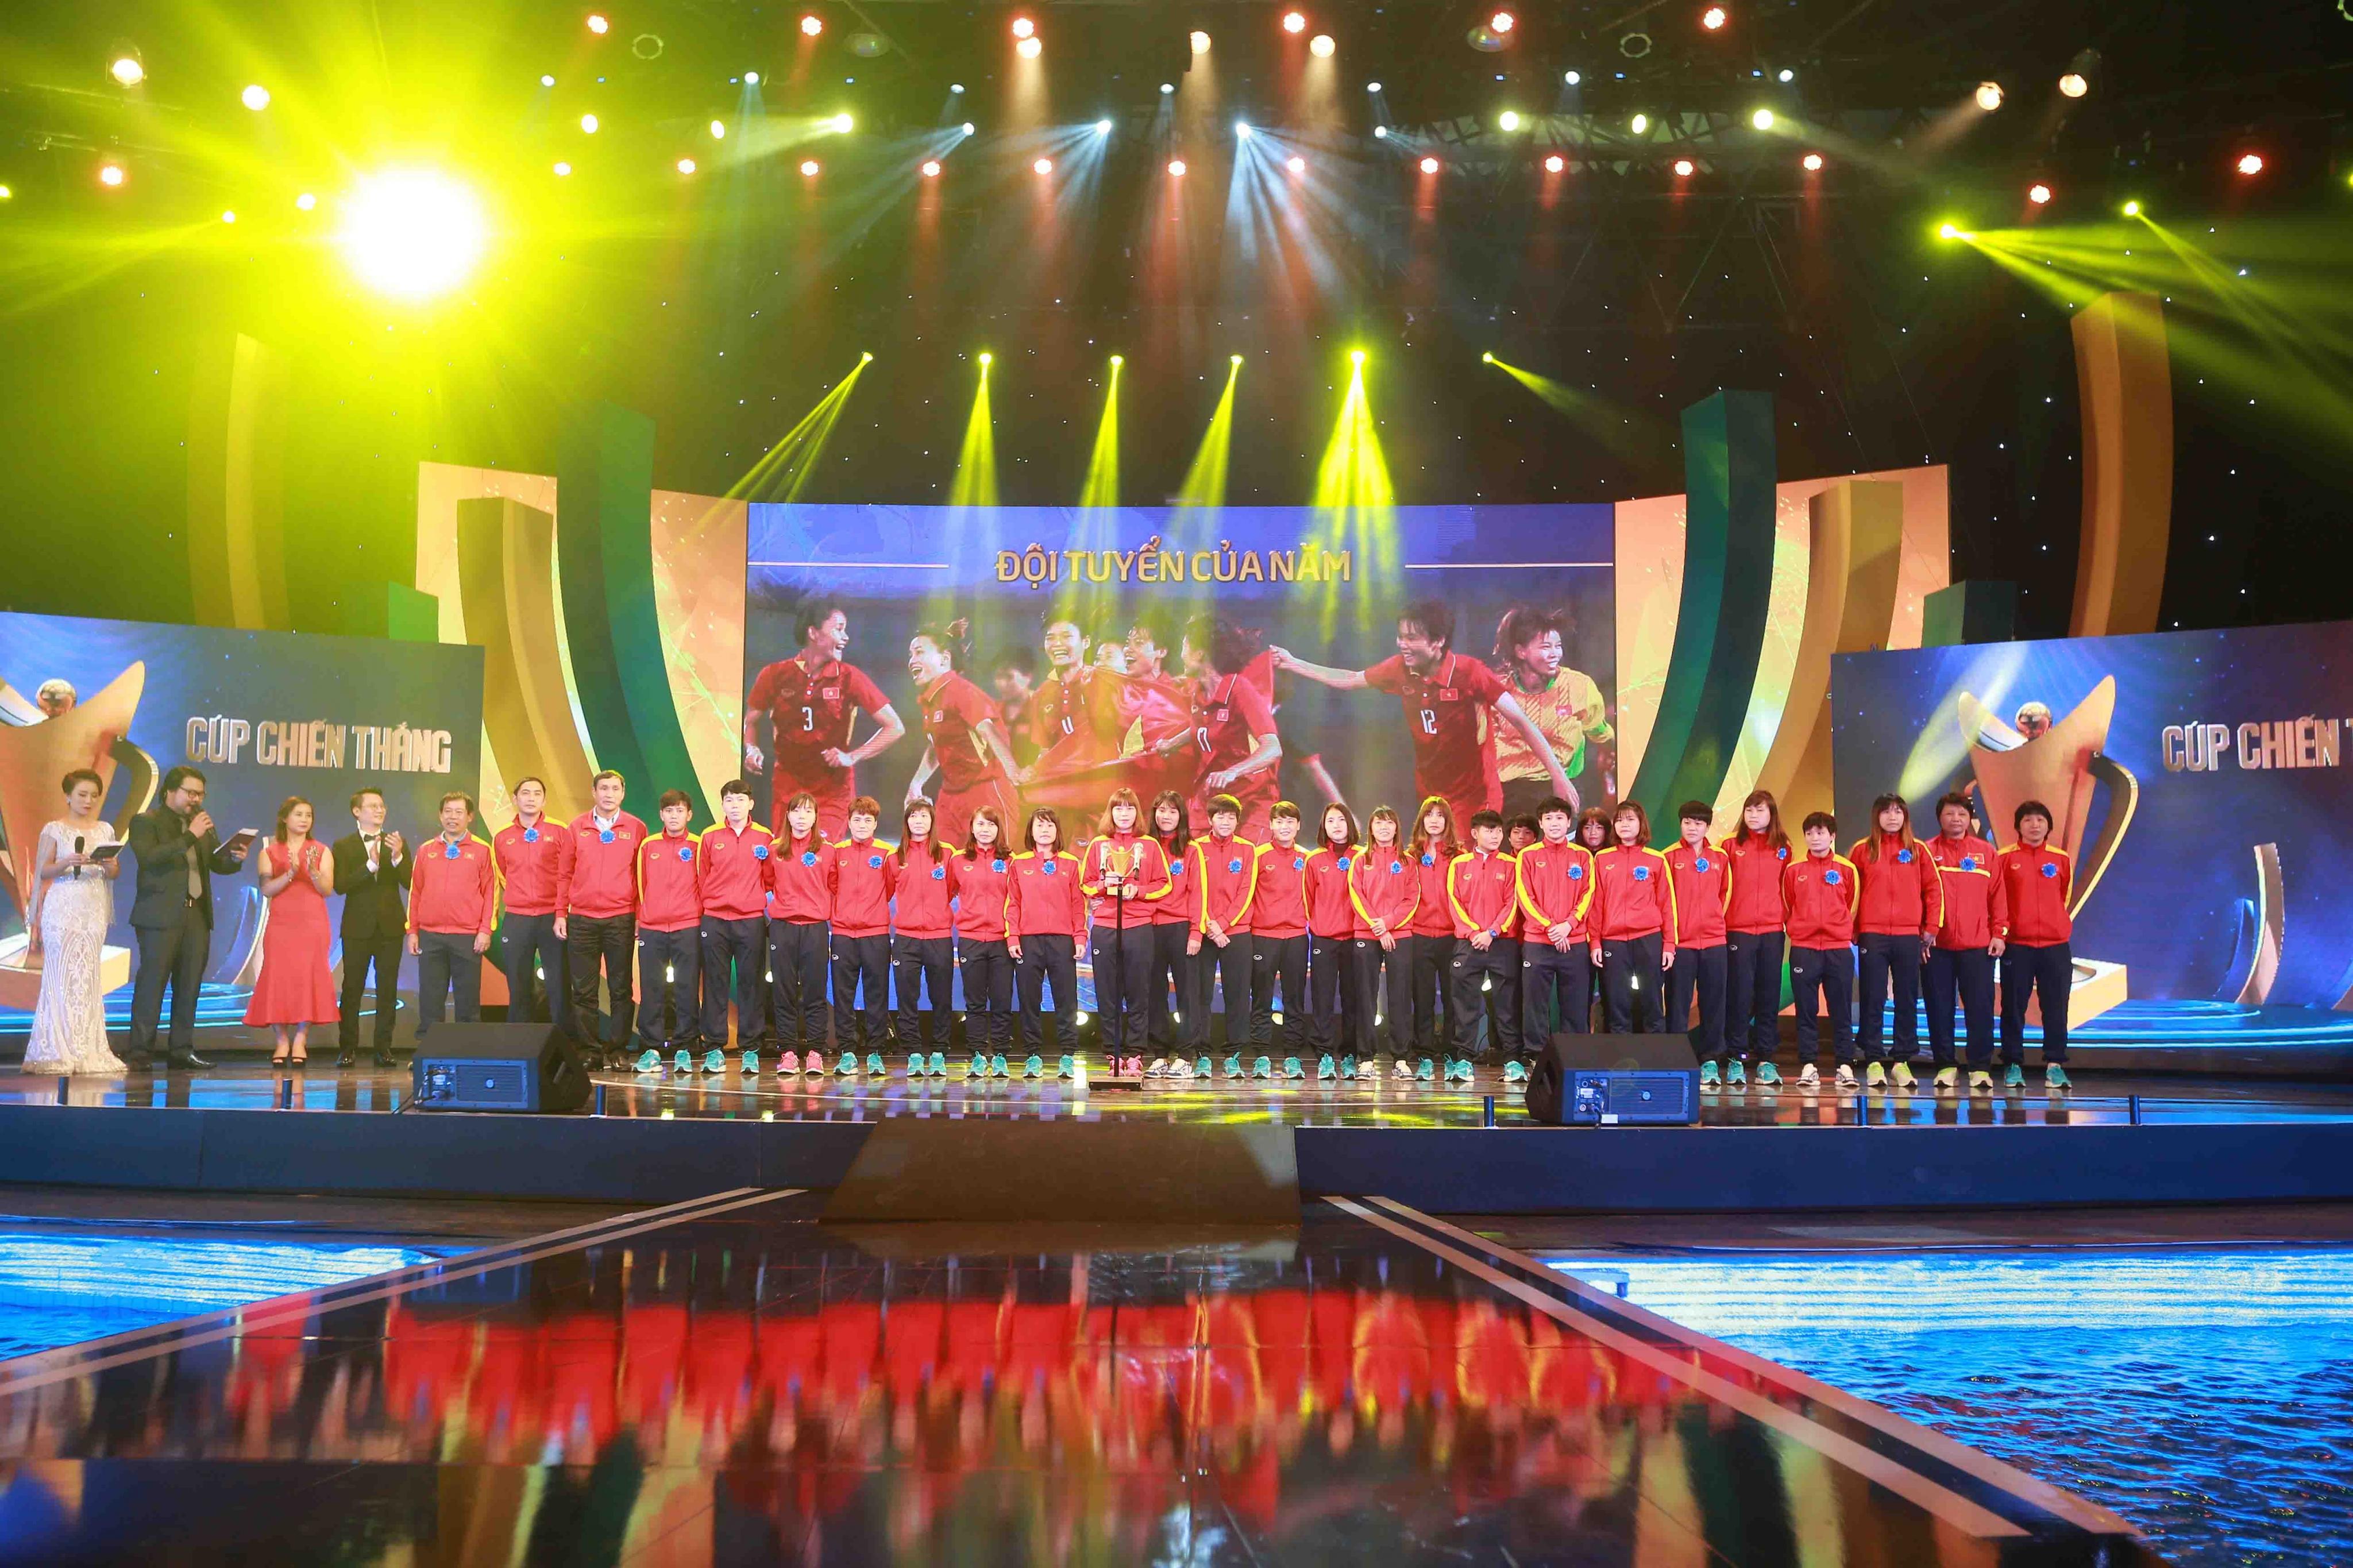 Gala trao giải Cúp Chiến thắng - Oscar của Thể thao Việt Nam năm 2017